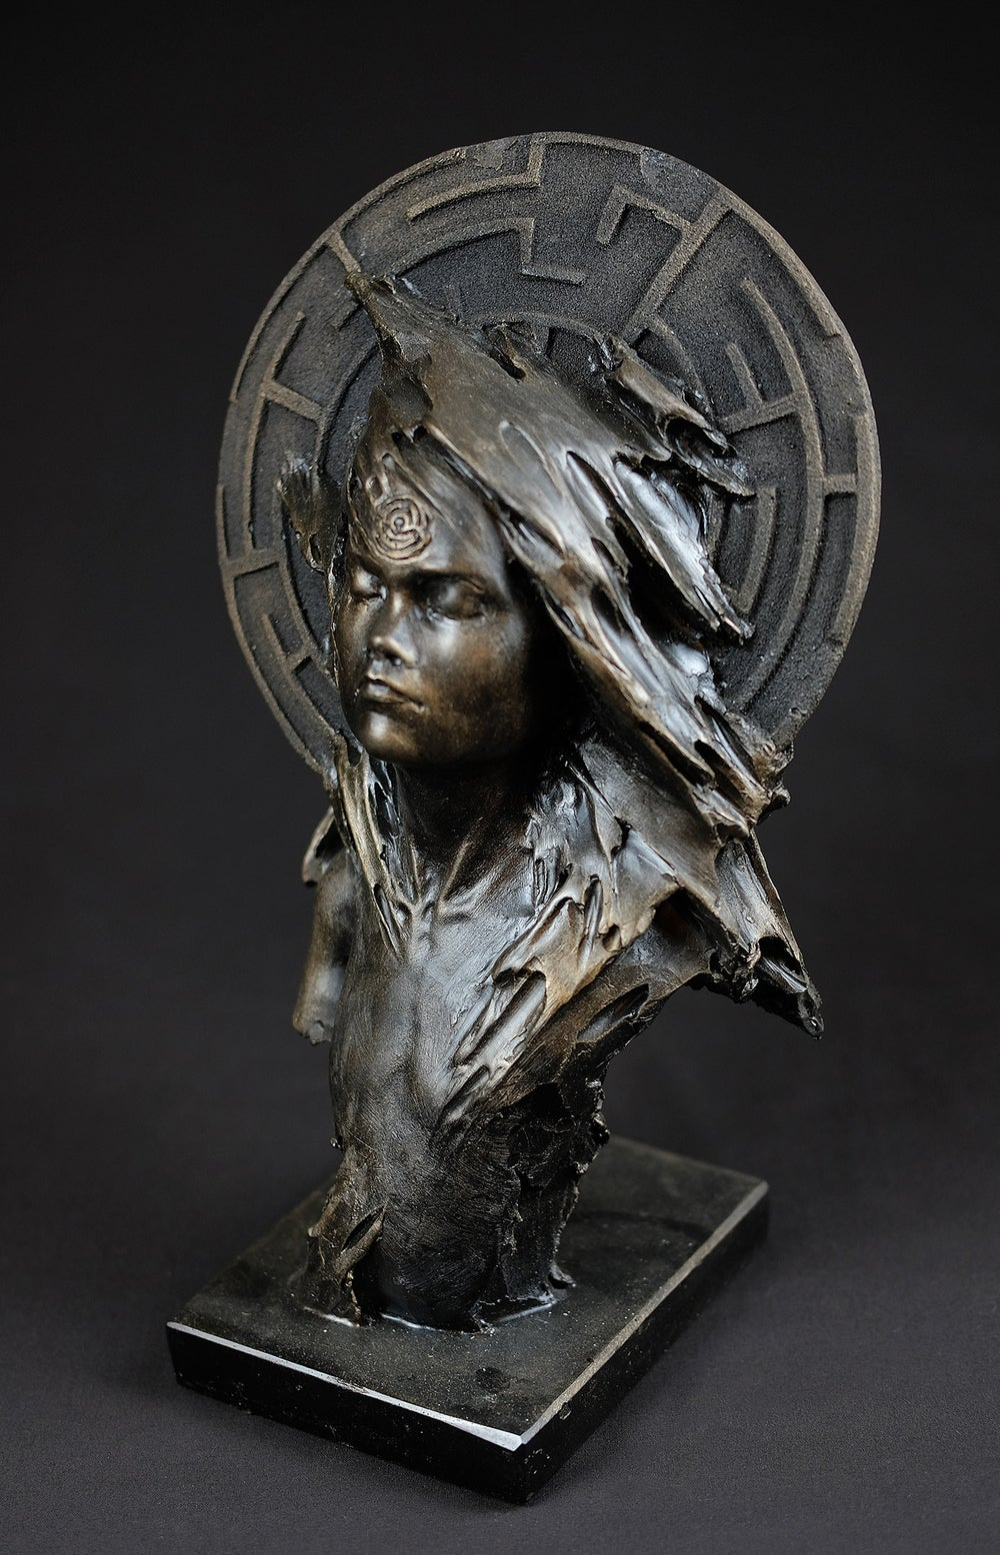 Image of PATRICK BERTHAUD 'UNE FORET SANS ARBES' SCULPTURE